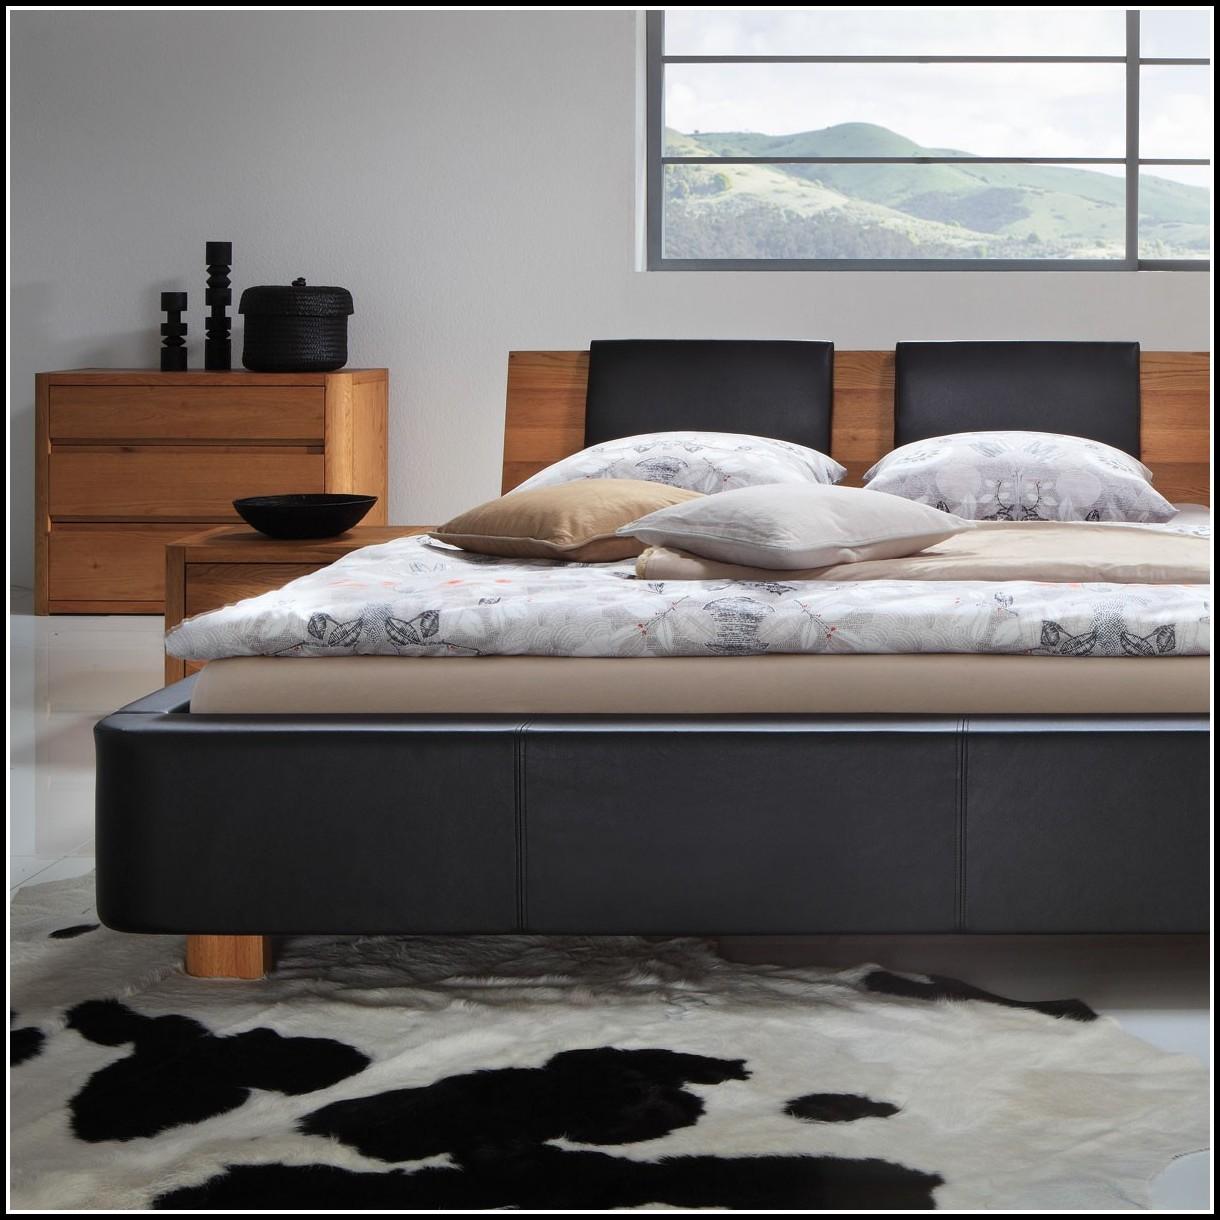 betten kaufen online schweiz betten house und dekor galerie qx1aqed1k0. Black Bedroom Furniture Sets. Home Design Ideas